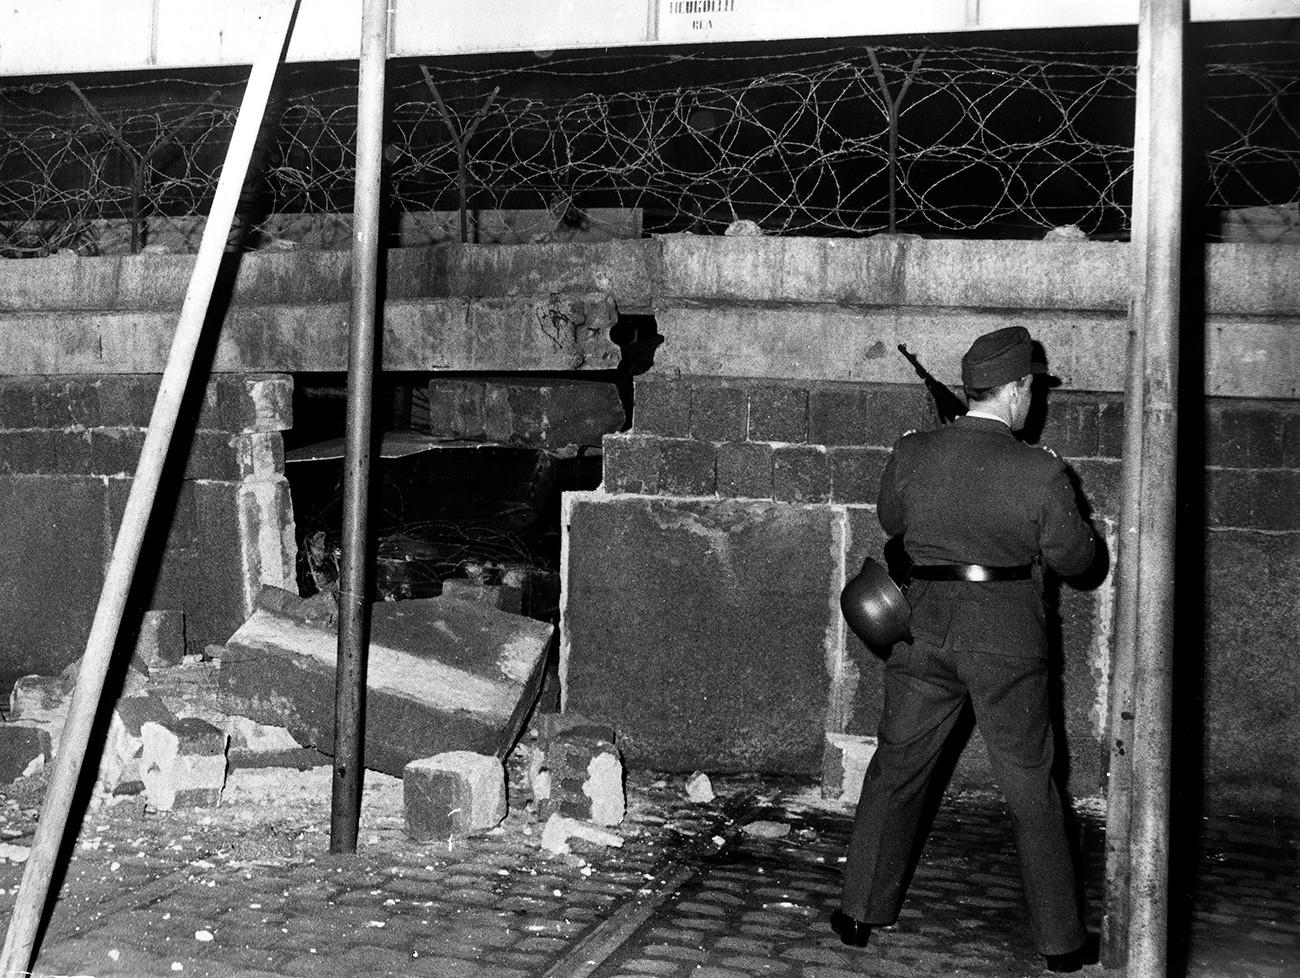 Бекства и покушаји бекства из Источне Немачке. Источнонемачки полицајац после бекства 19-годишњег Волфганга Енгелса у Западни Берлин помоћу оклопног транспортера.